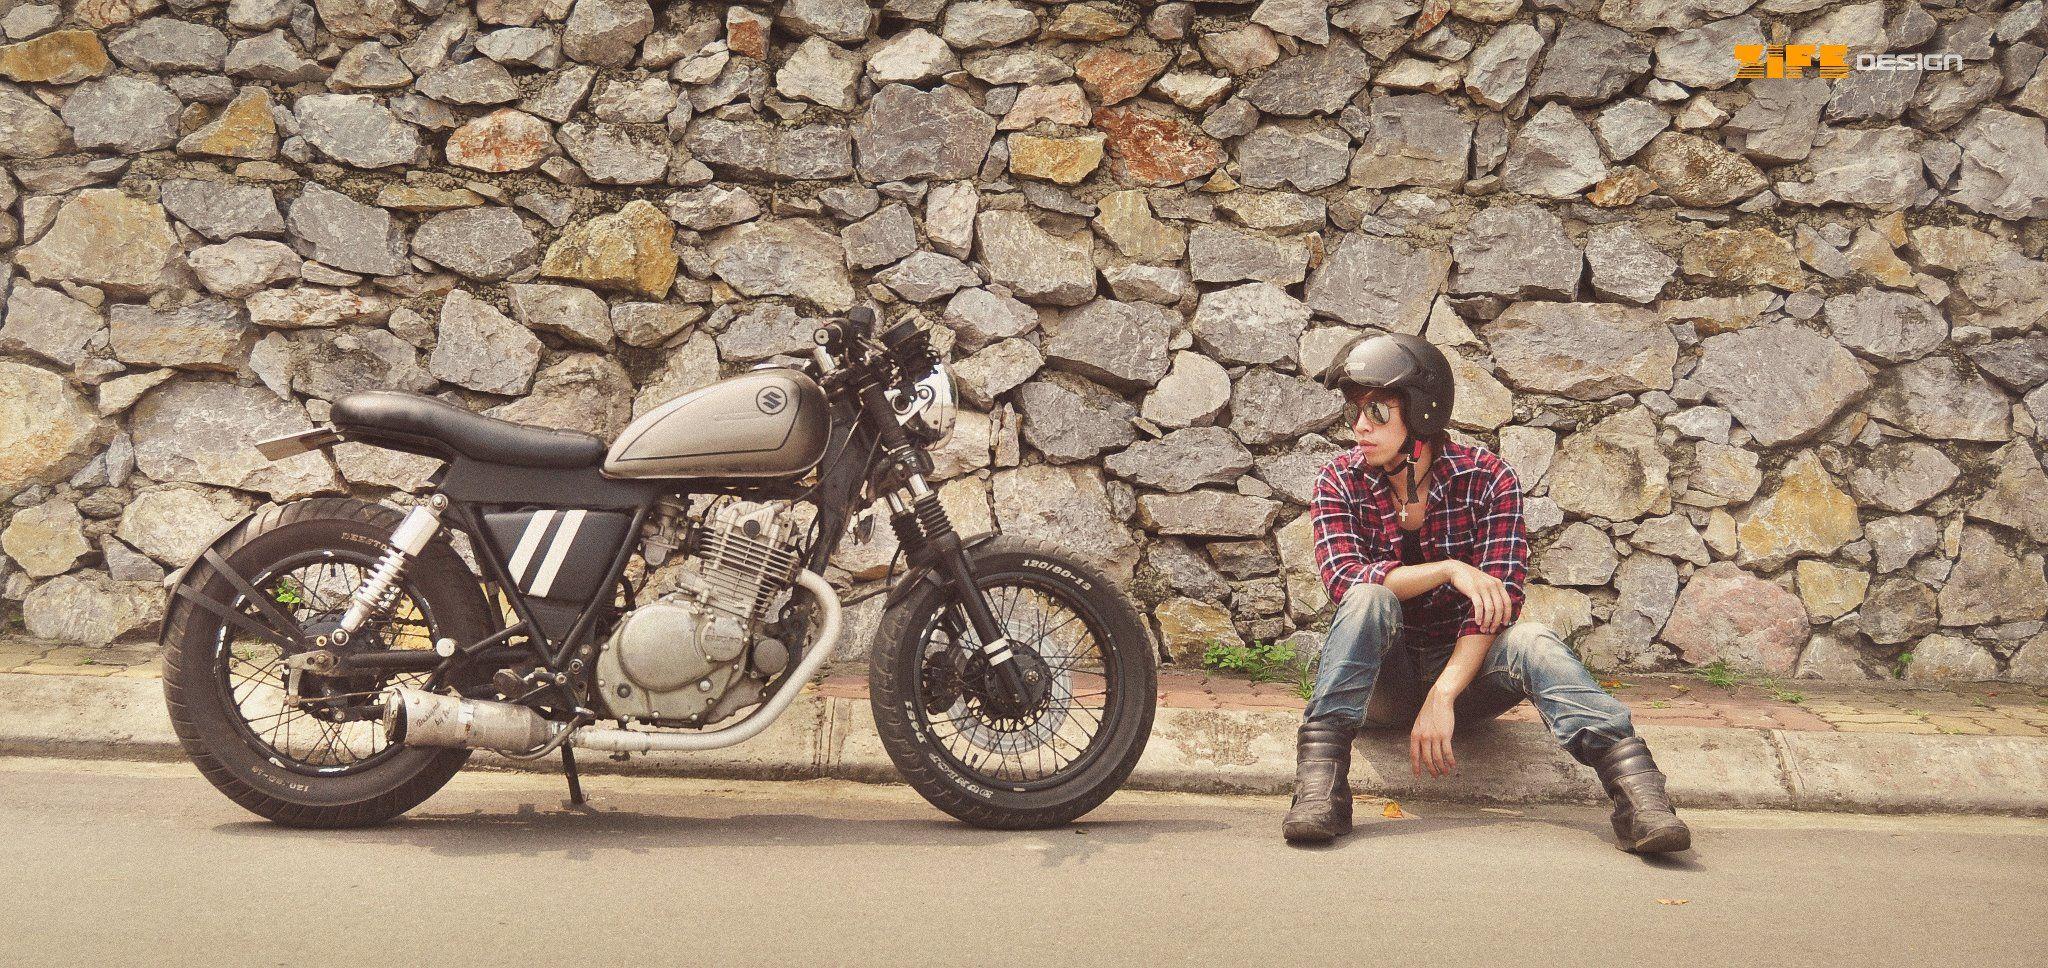 GN250 from ZIFE Design (Vietnam)